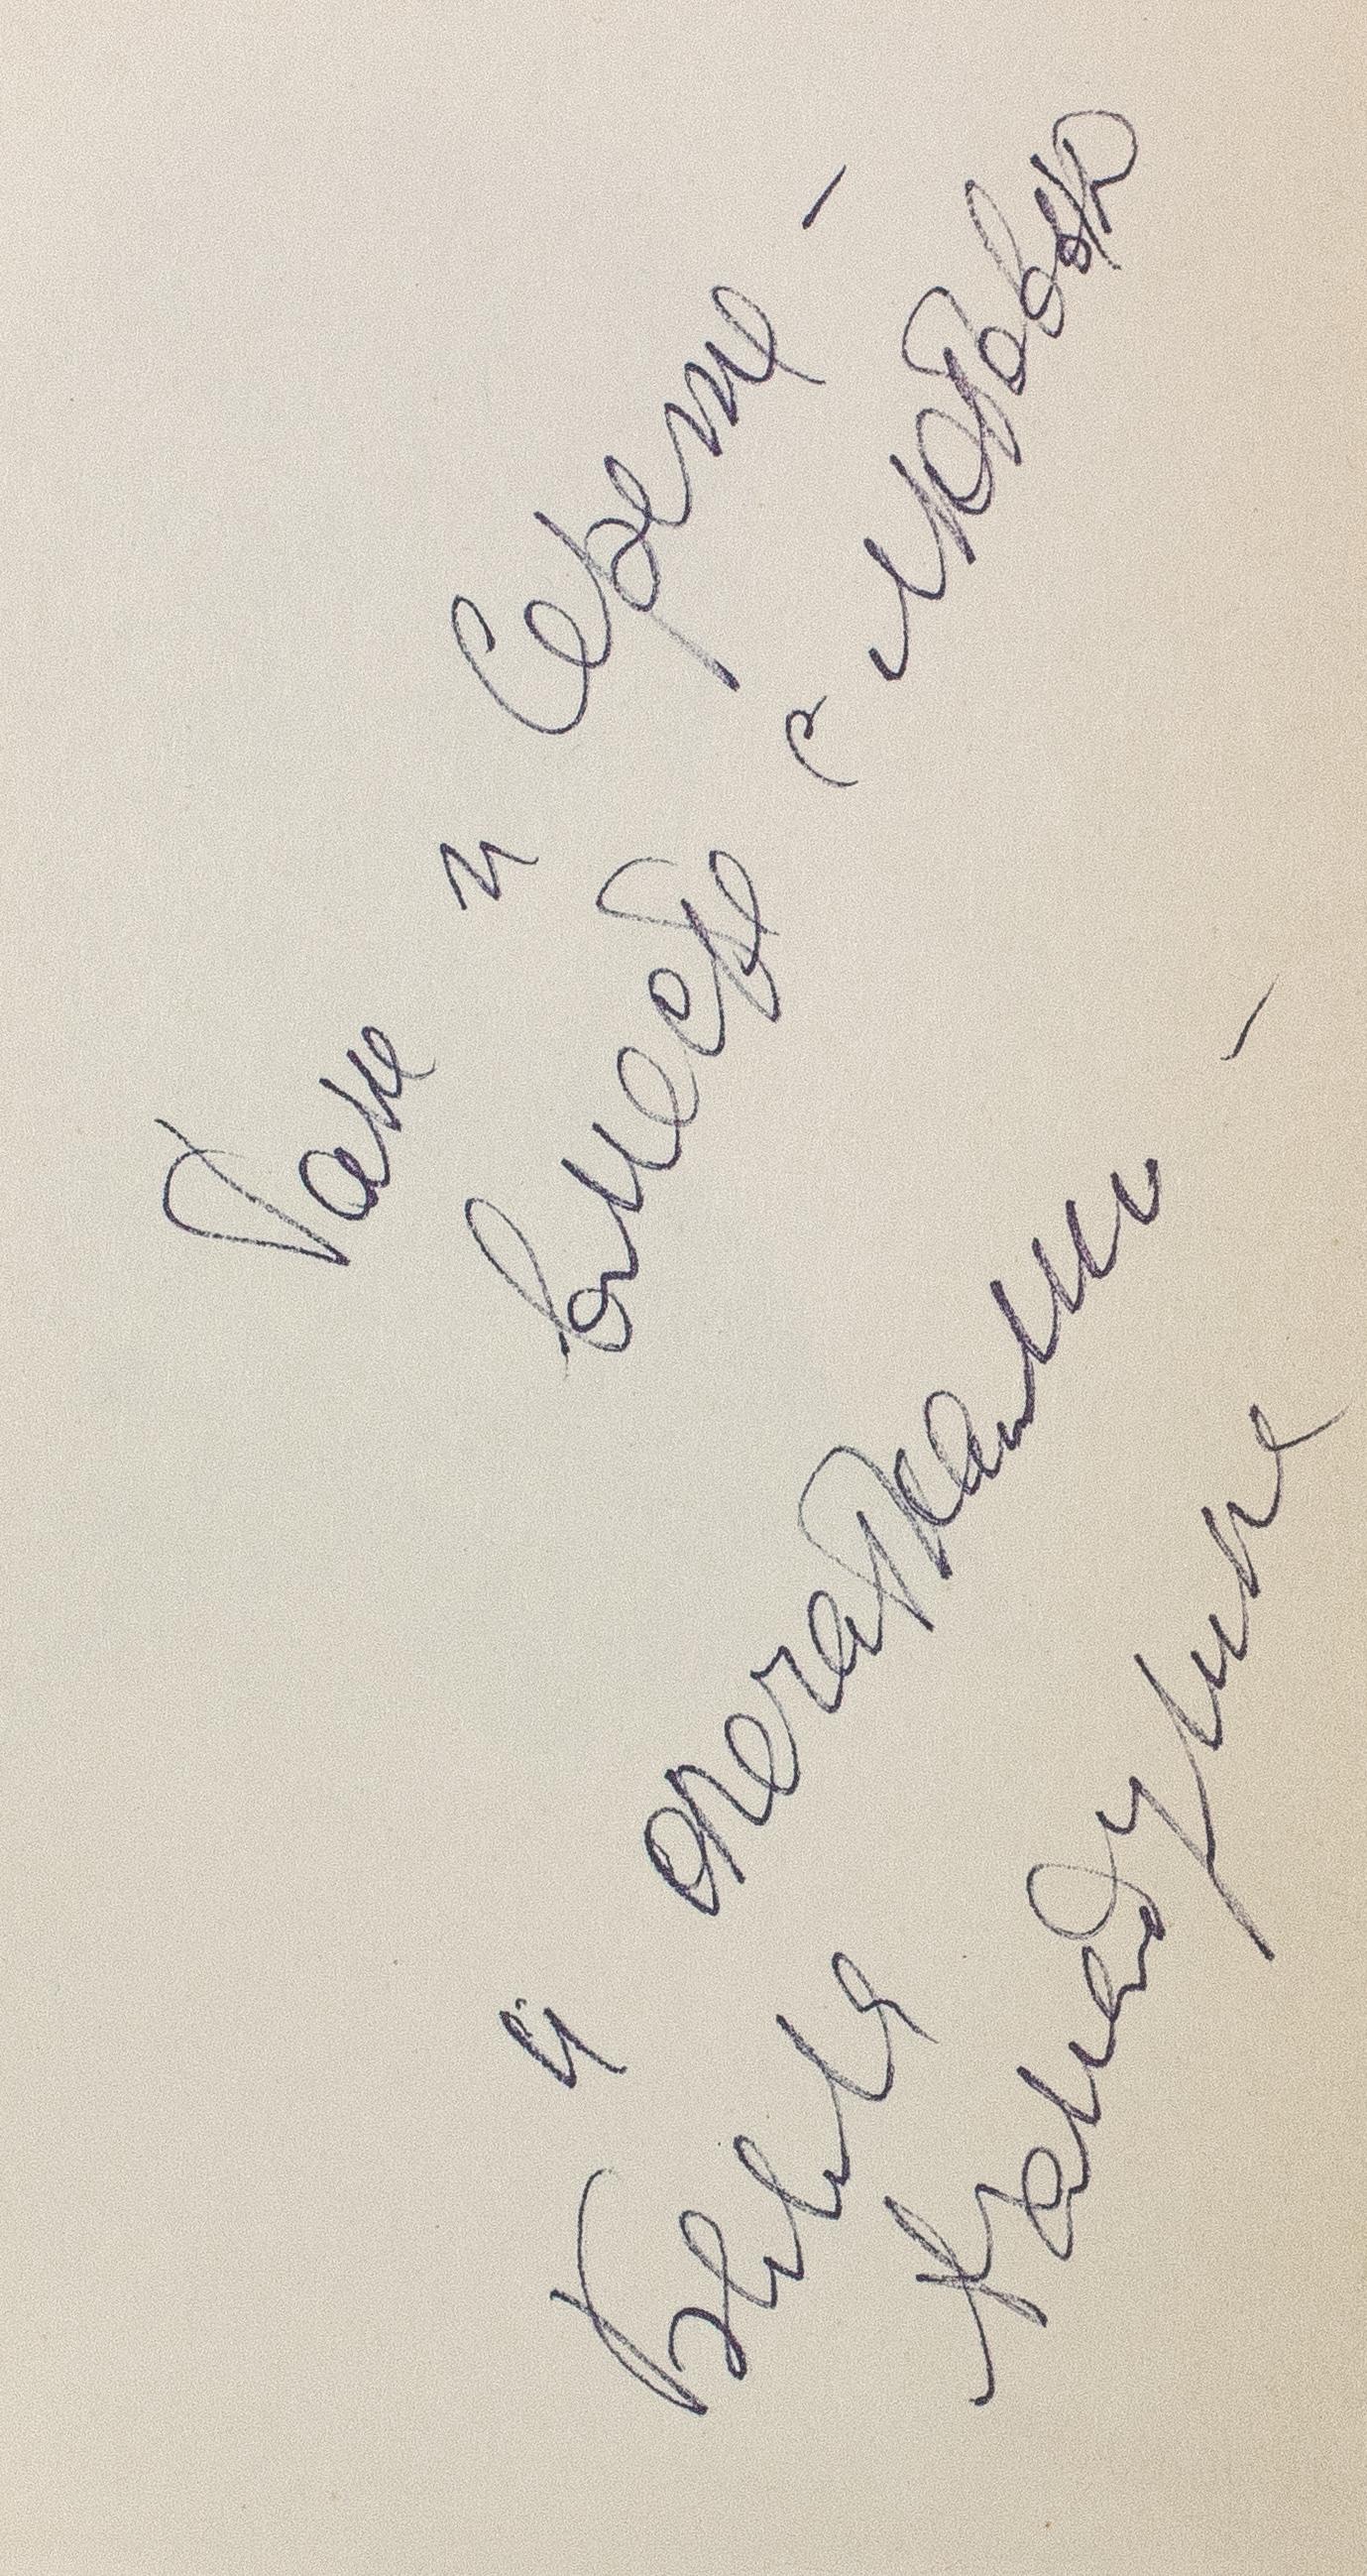 Lot 432 - AKHMADOULINA, Bella. Leçons de musique. Poèmes. Moscou, 1969. Envoi autographe de [...]